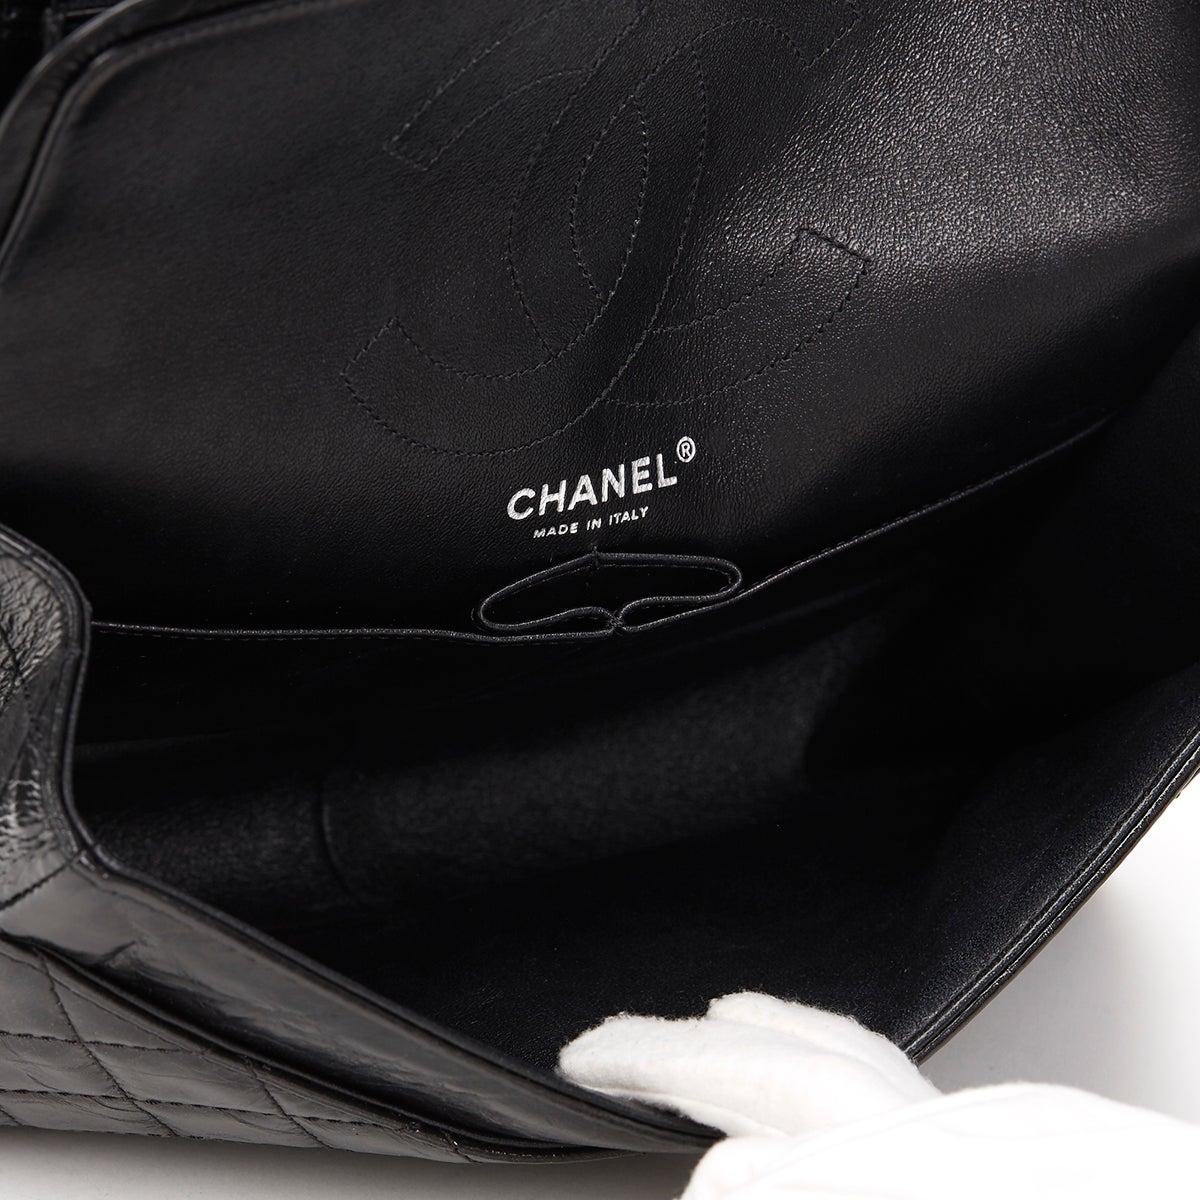 52e5f329e6e6 2010s Chanel Black Glazed Calfskin So Black 2.55 Reissue 226 Double Flap Bag  at 1stdibs